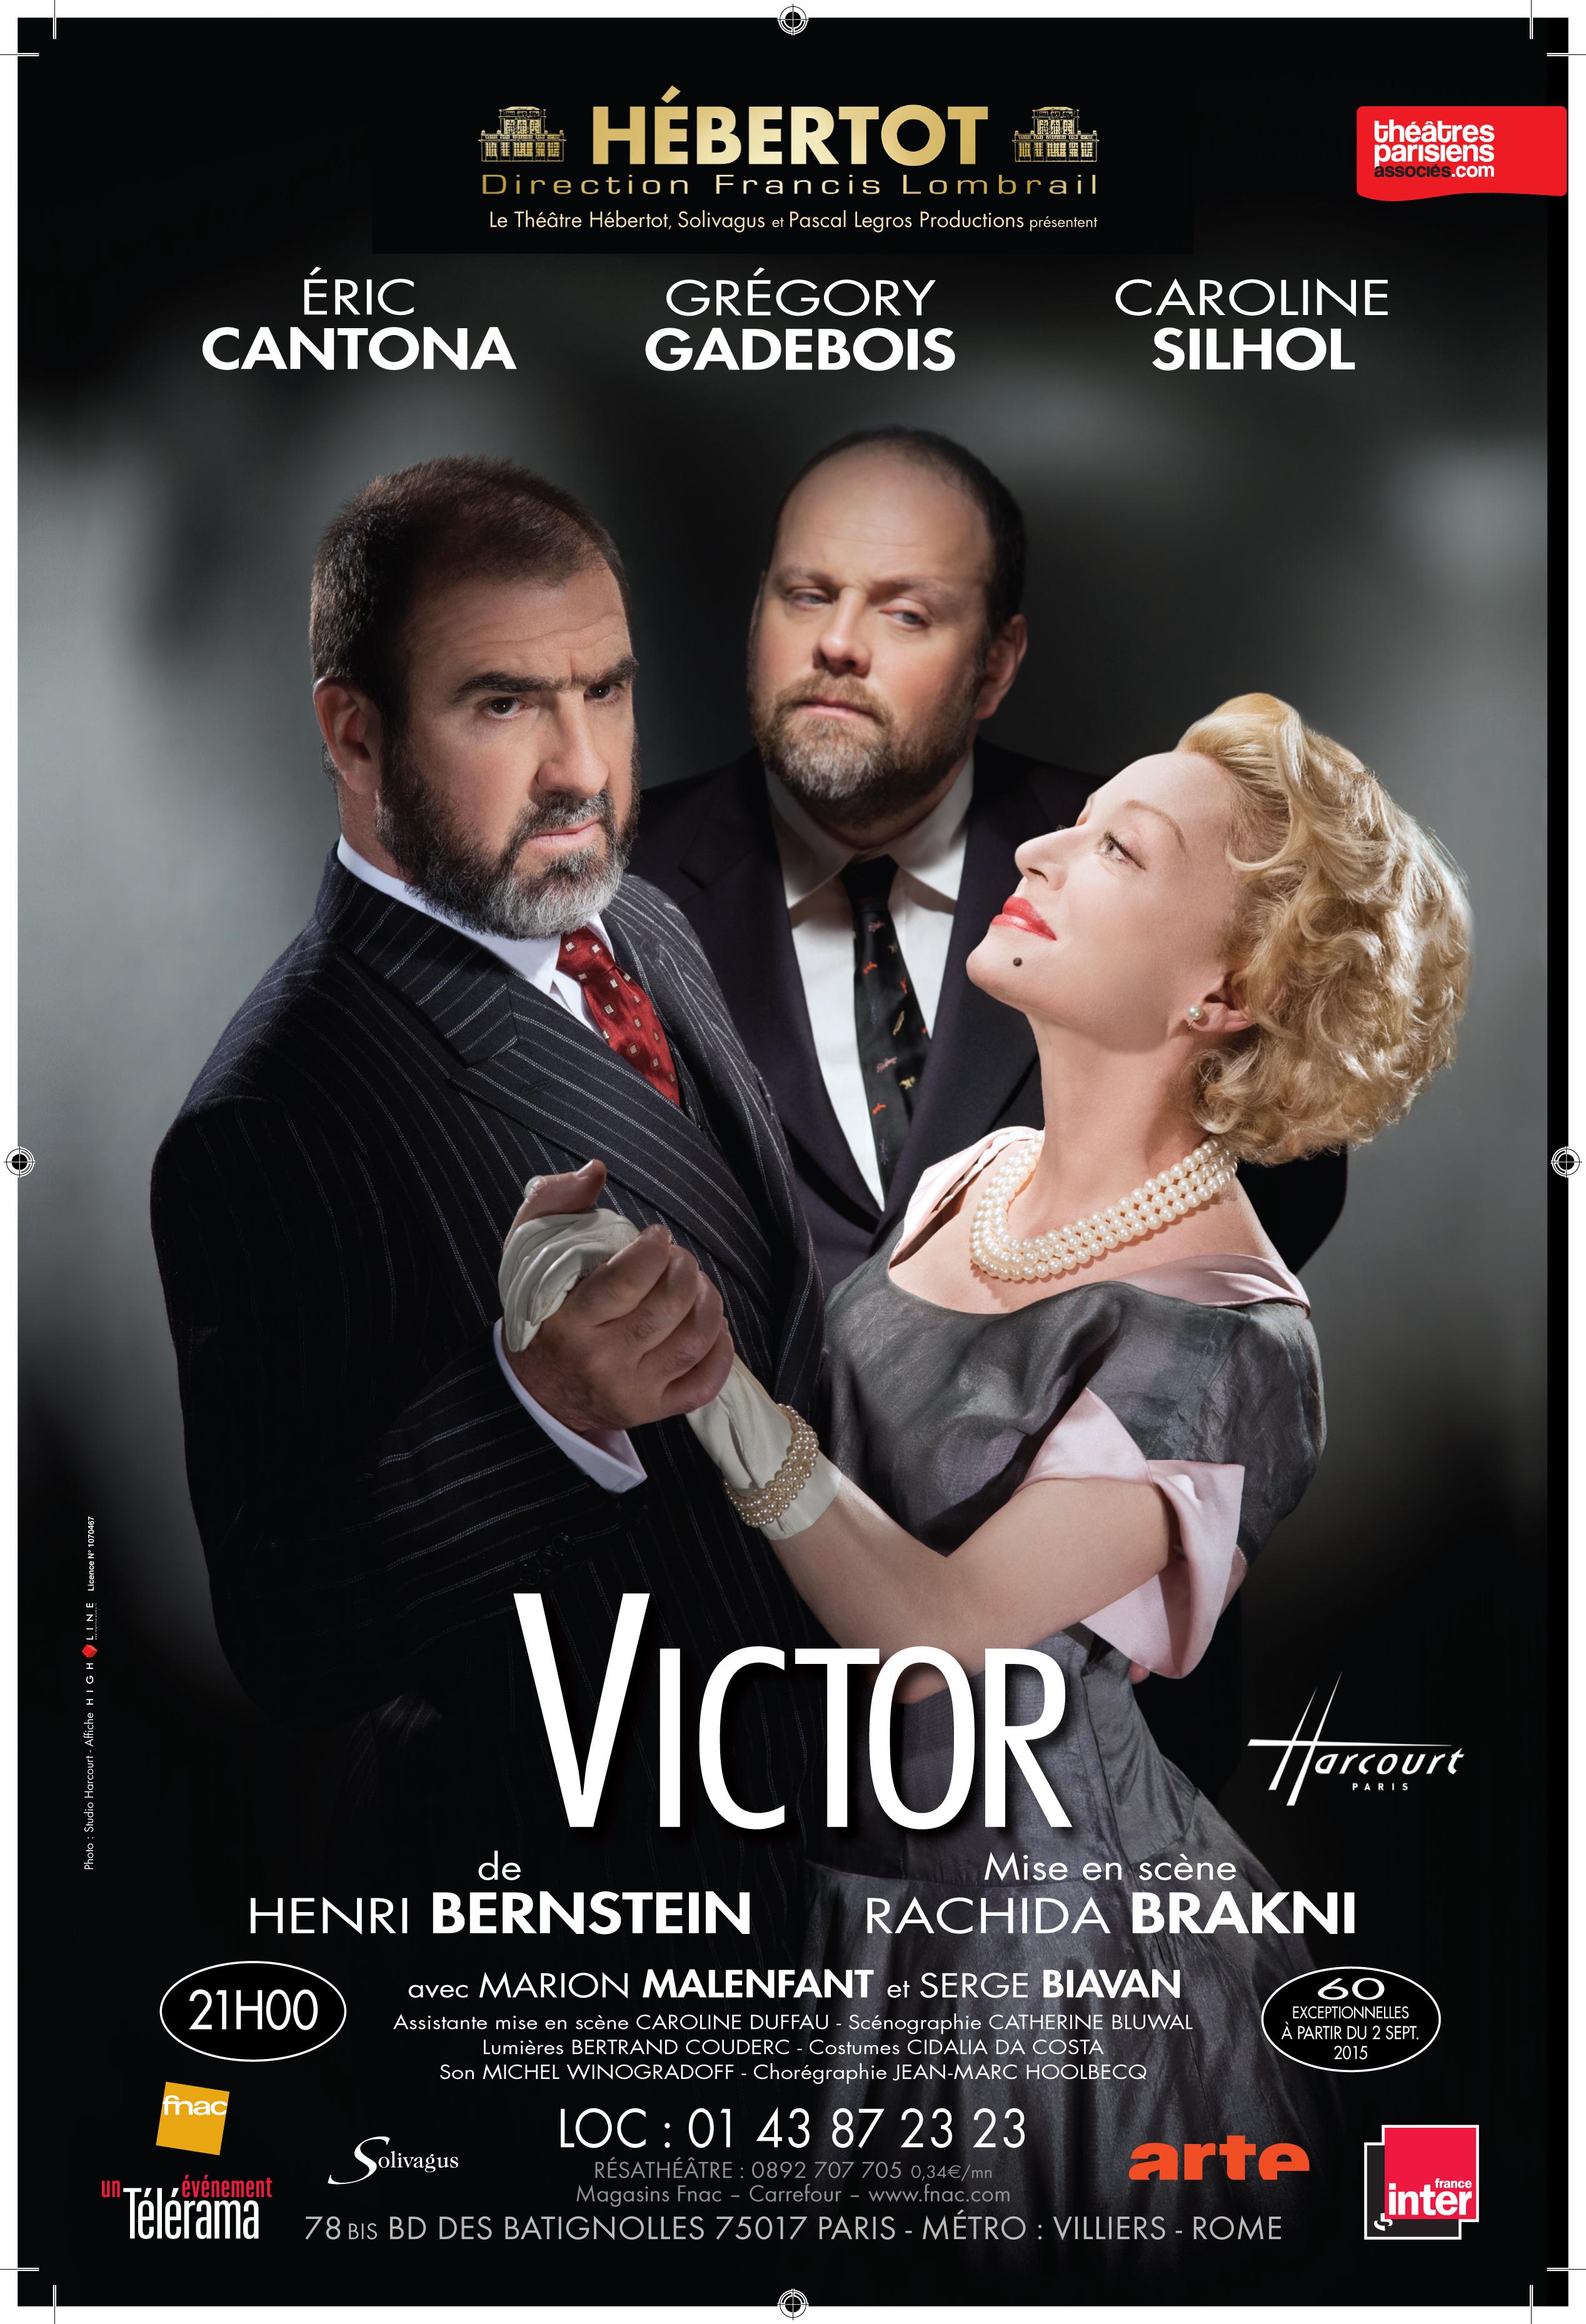 Victor, theatre hebertot